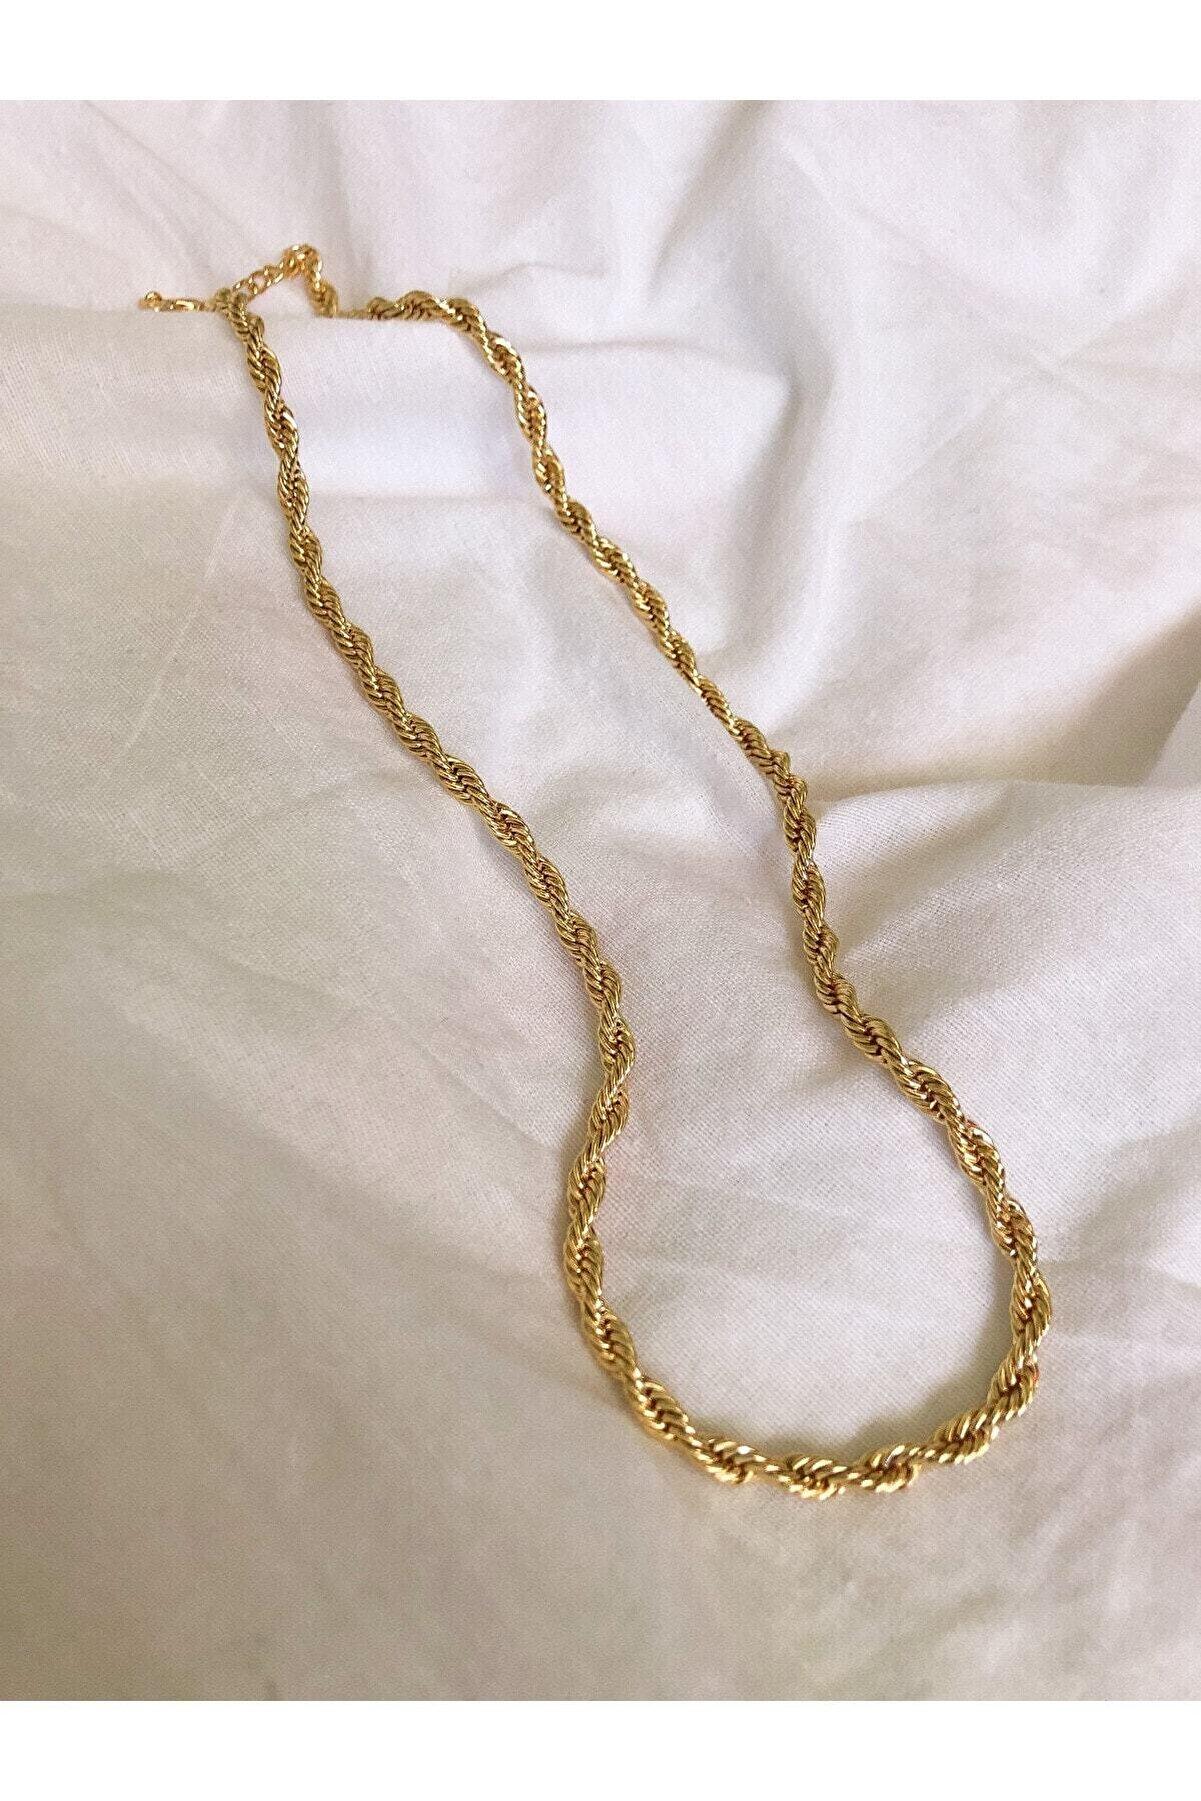 The Y Jewelry Altın Kaplama Burgu Zincir Kolye